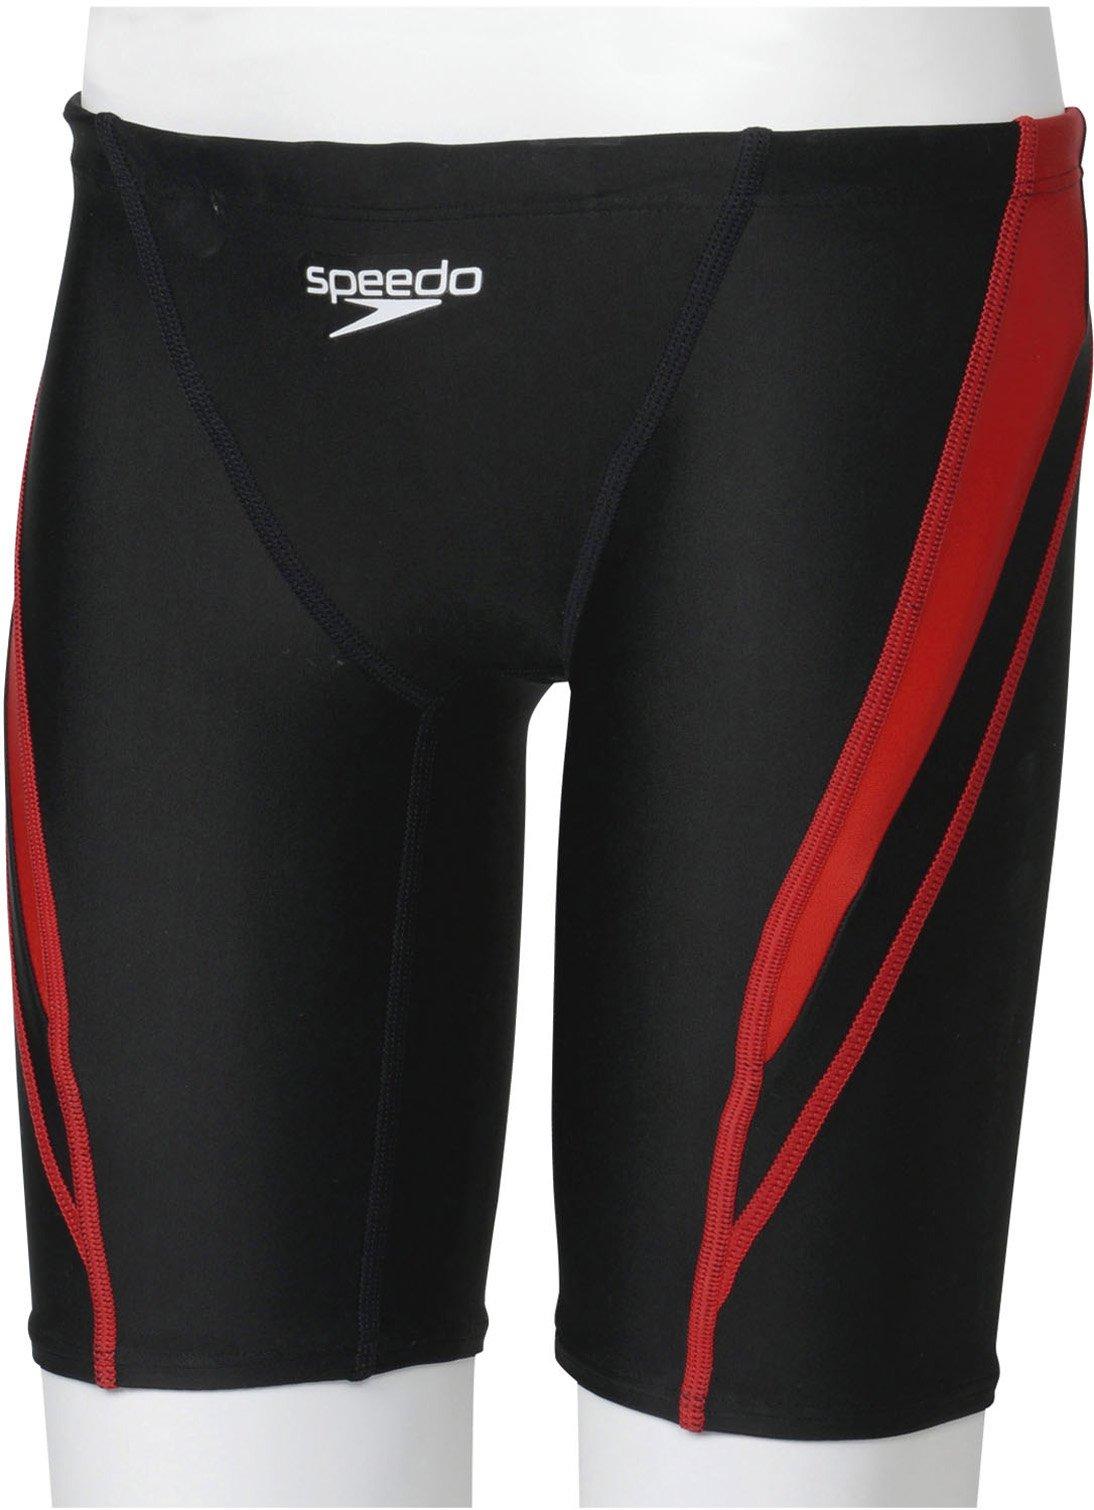 スピード ジュニア ボーイズ FLEX Zero ジャマー 競泳用 スパッツ FINA承認 SD66C07 RE(Jr)